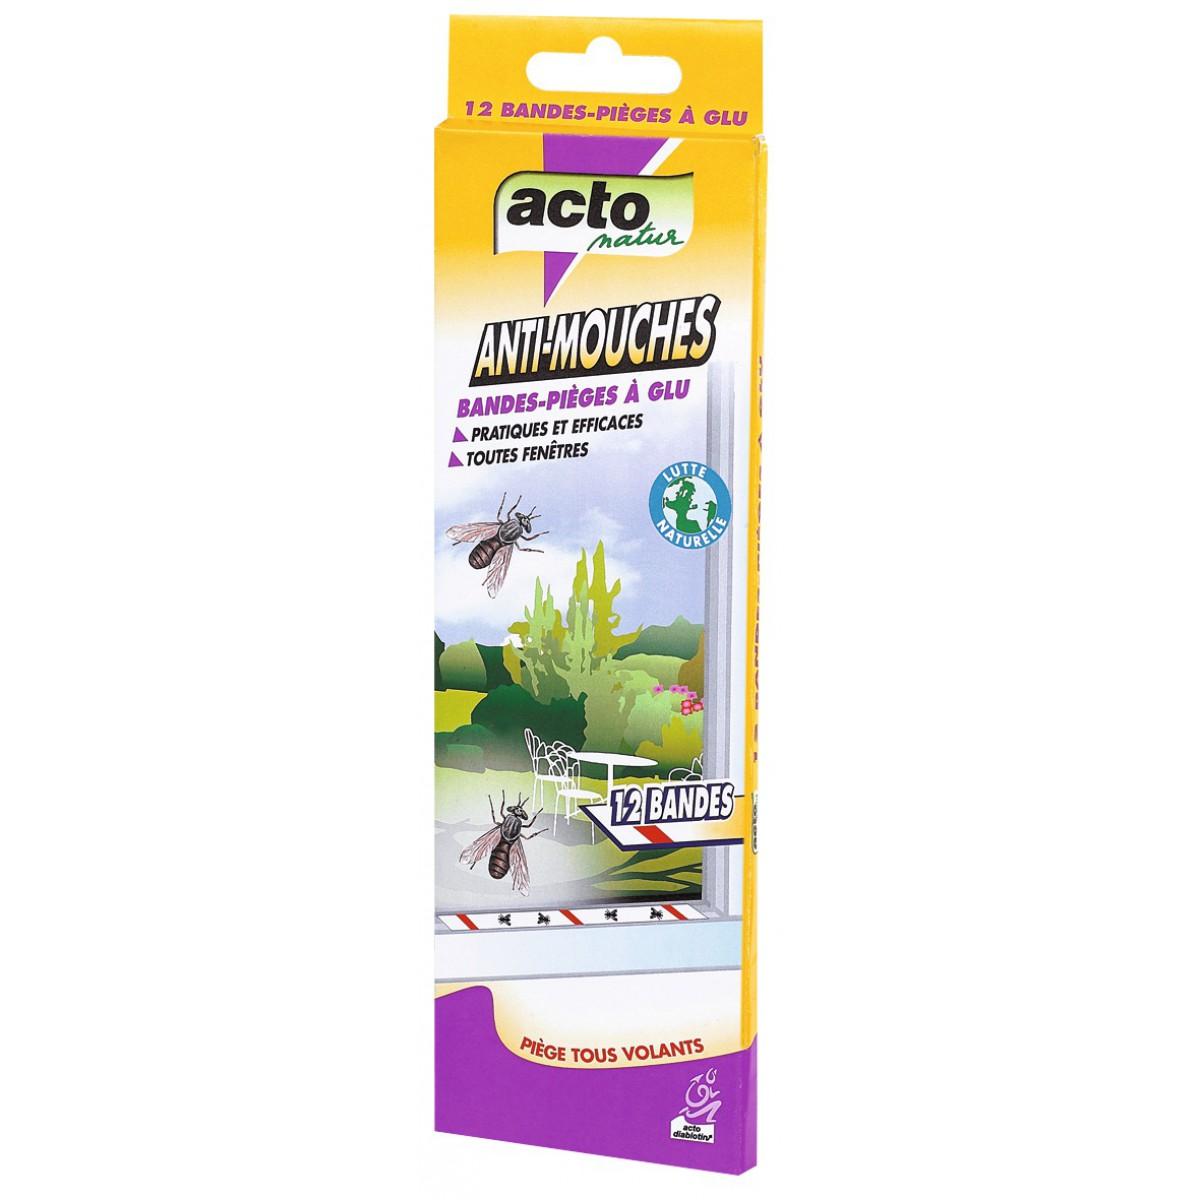 Mouches bande de glue Acto - 12 bandes